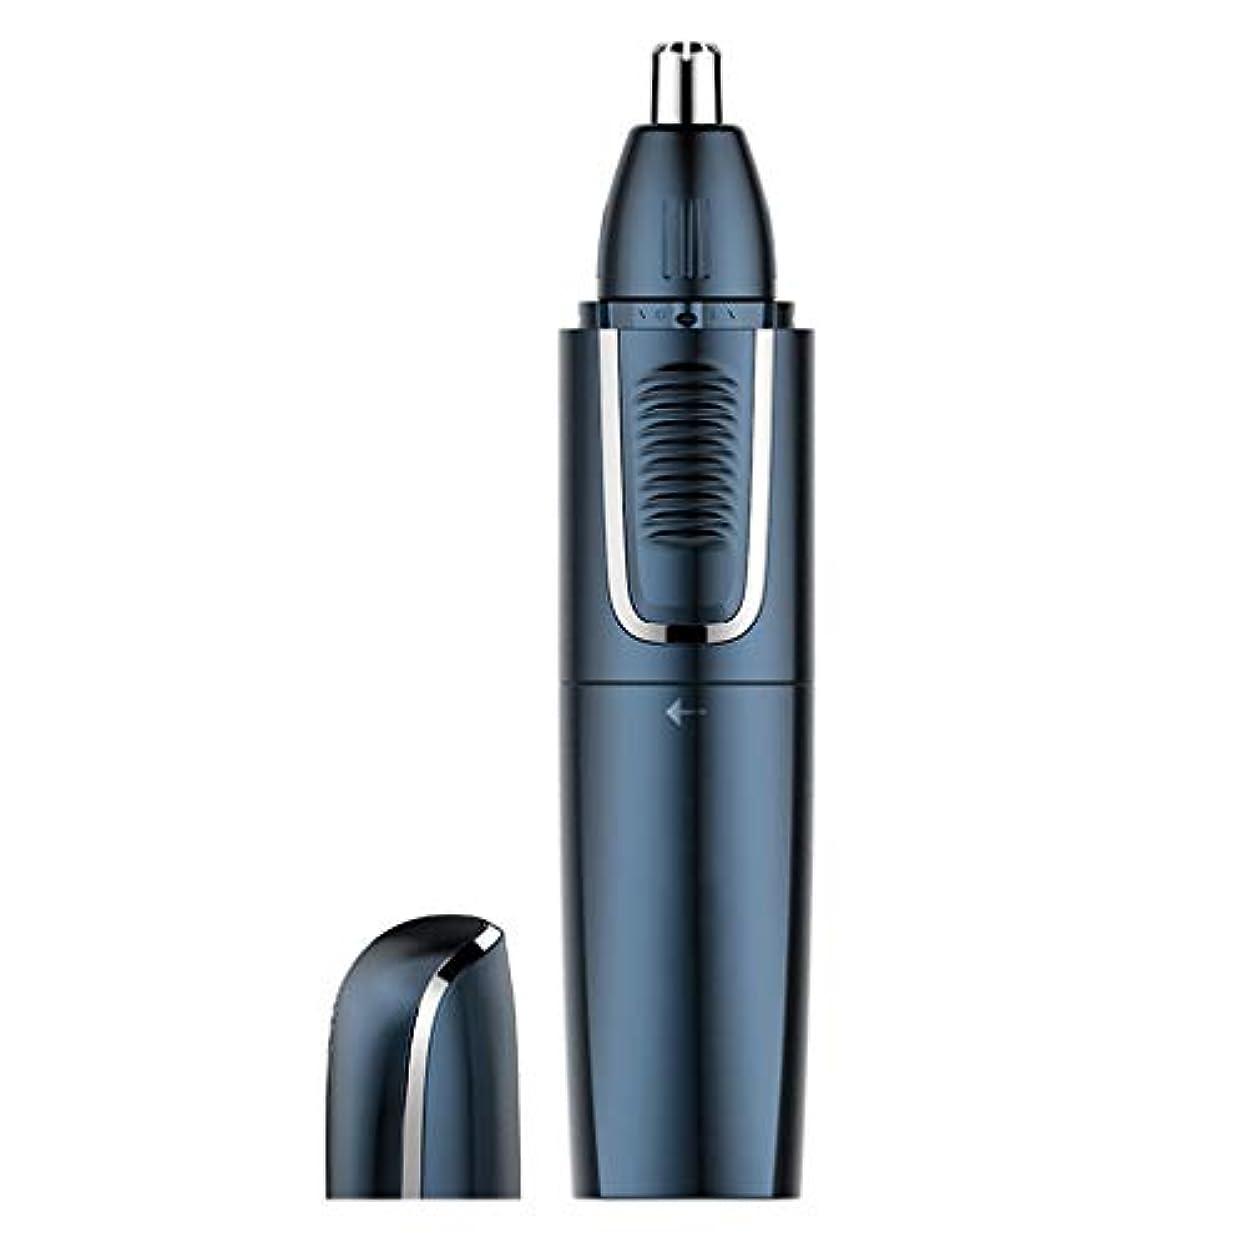 ブート明快マーガレットミッチェルノーズヘアトリマー、スリーインワントリマー、USB充電式防水ネットトリムヘッドアンチクリップは鼻腔を傷つけません、男性と女性用